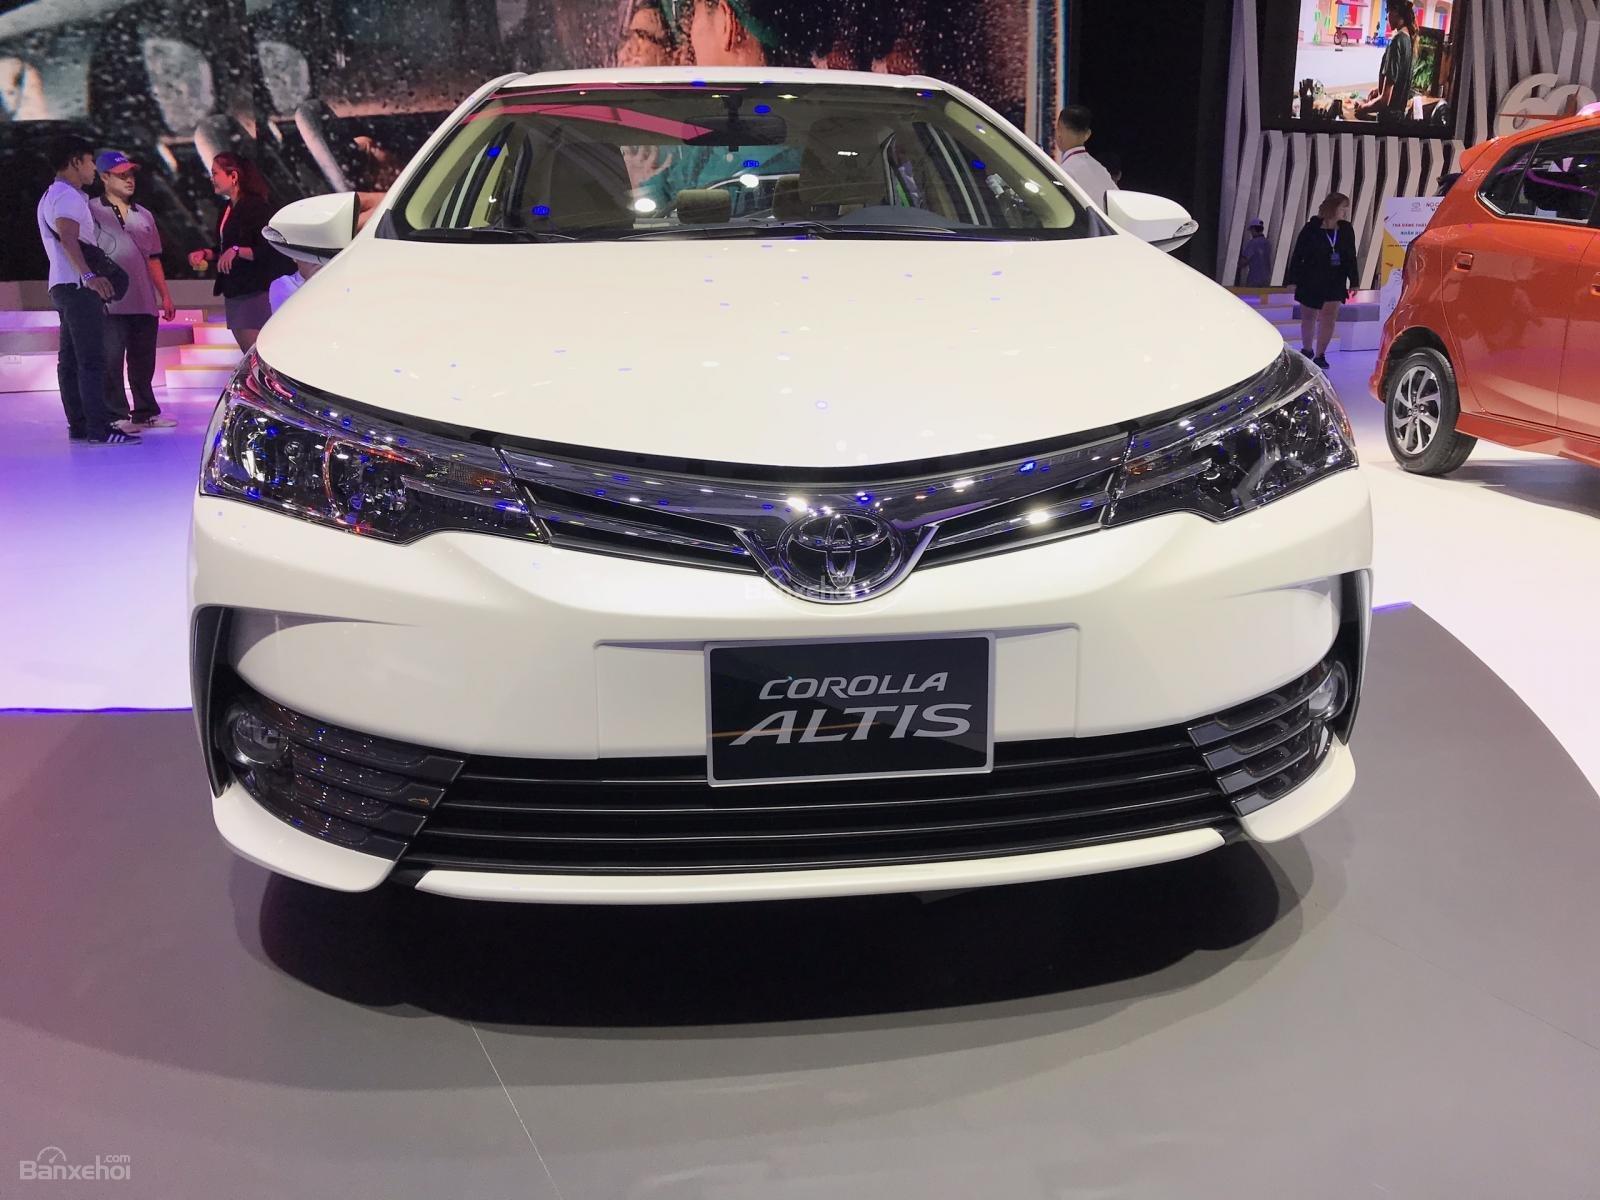 Bán Toyota Corolla Altis 2019 1.8G AT ưu đãi khủng, đủ màu giao ngay, gọi 0902.1717.20 nhận khuyến mãi khủng-1